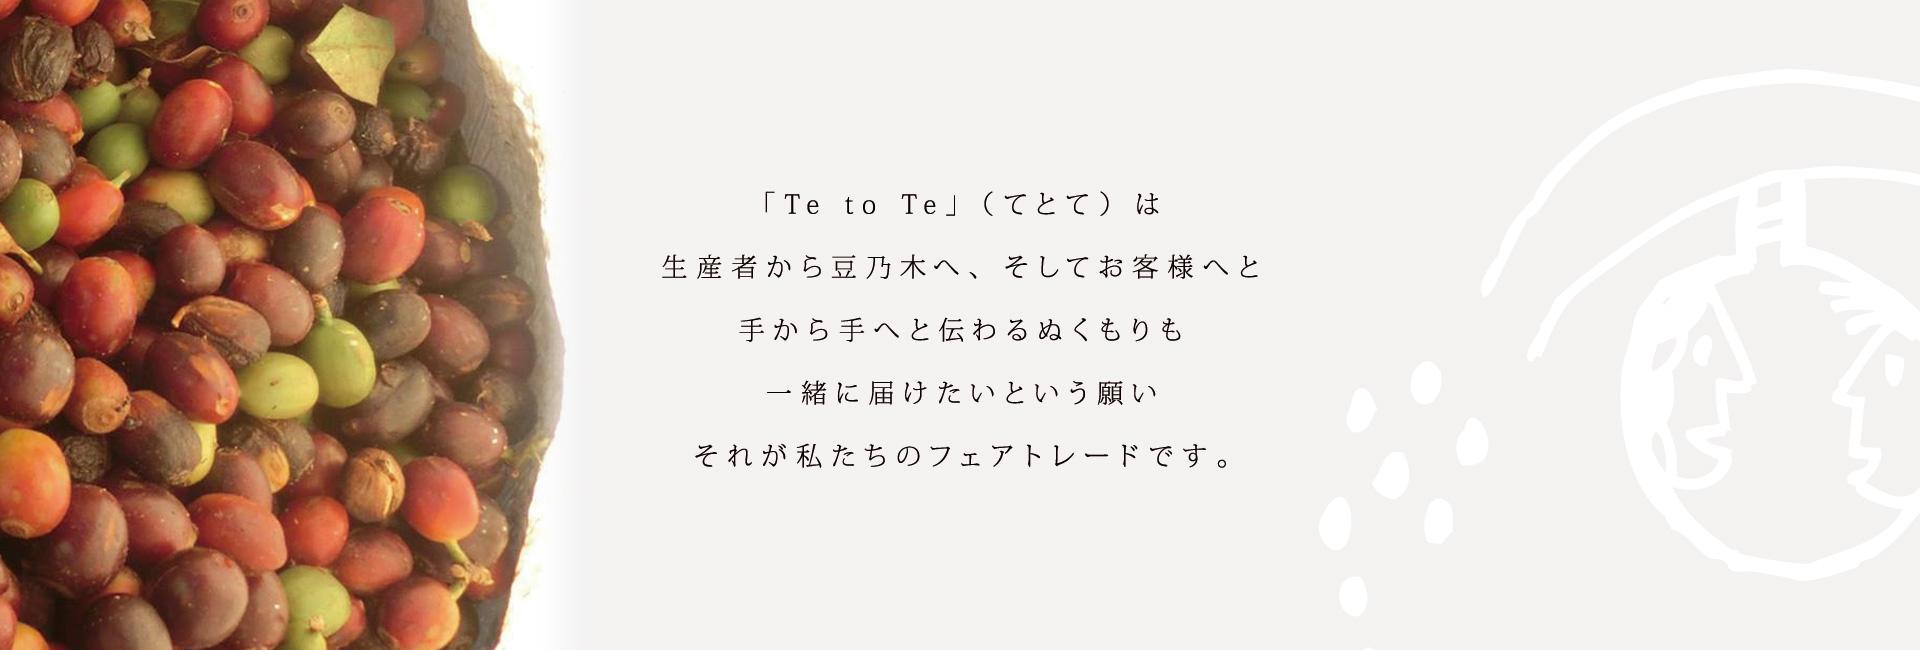 「Te to Te」(てとて)は生産者から豆乃木へ、そしてお客様へと手から手へと伝わるぬくもりも一緒に届けたいという願いそれが私たちのフェアトレードです。